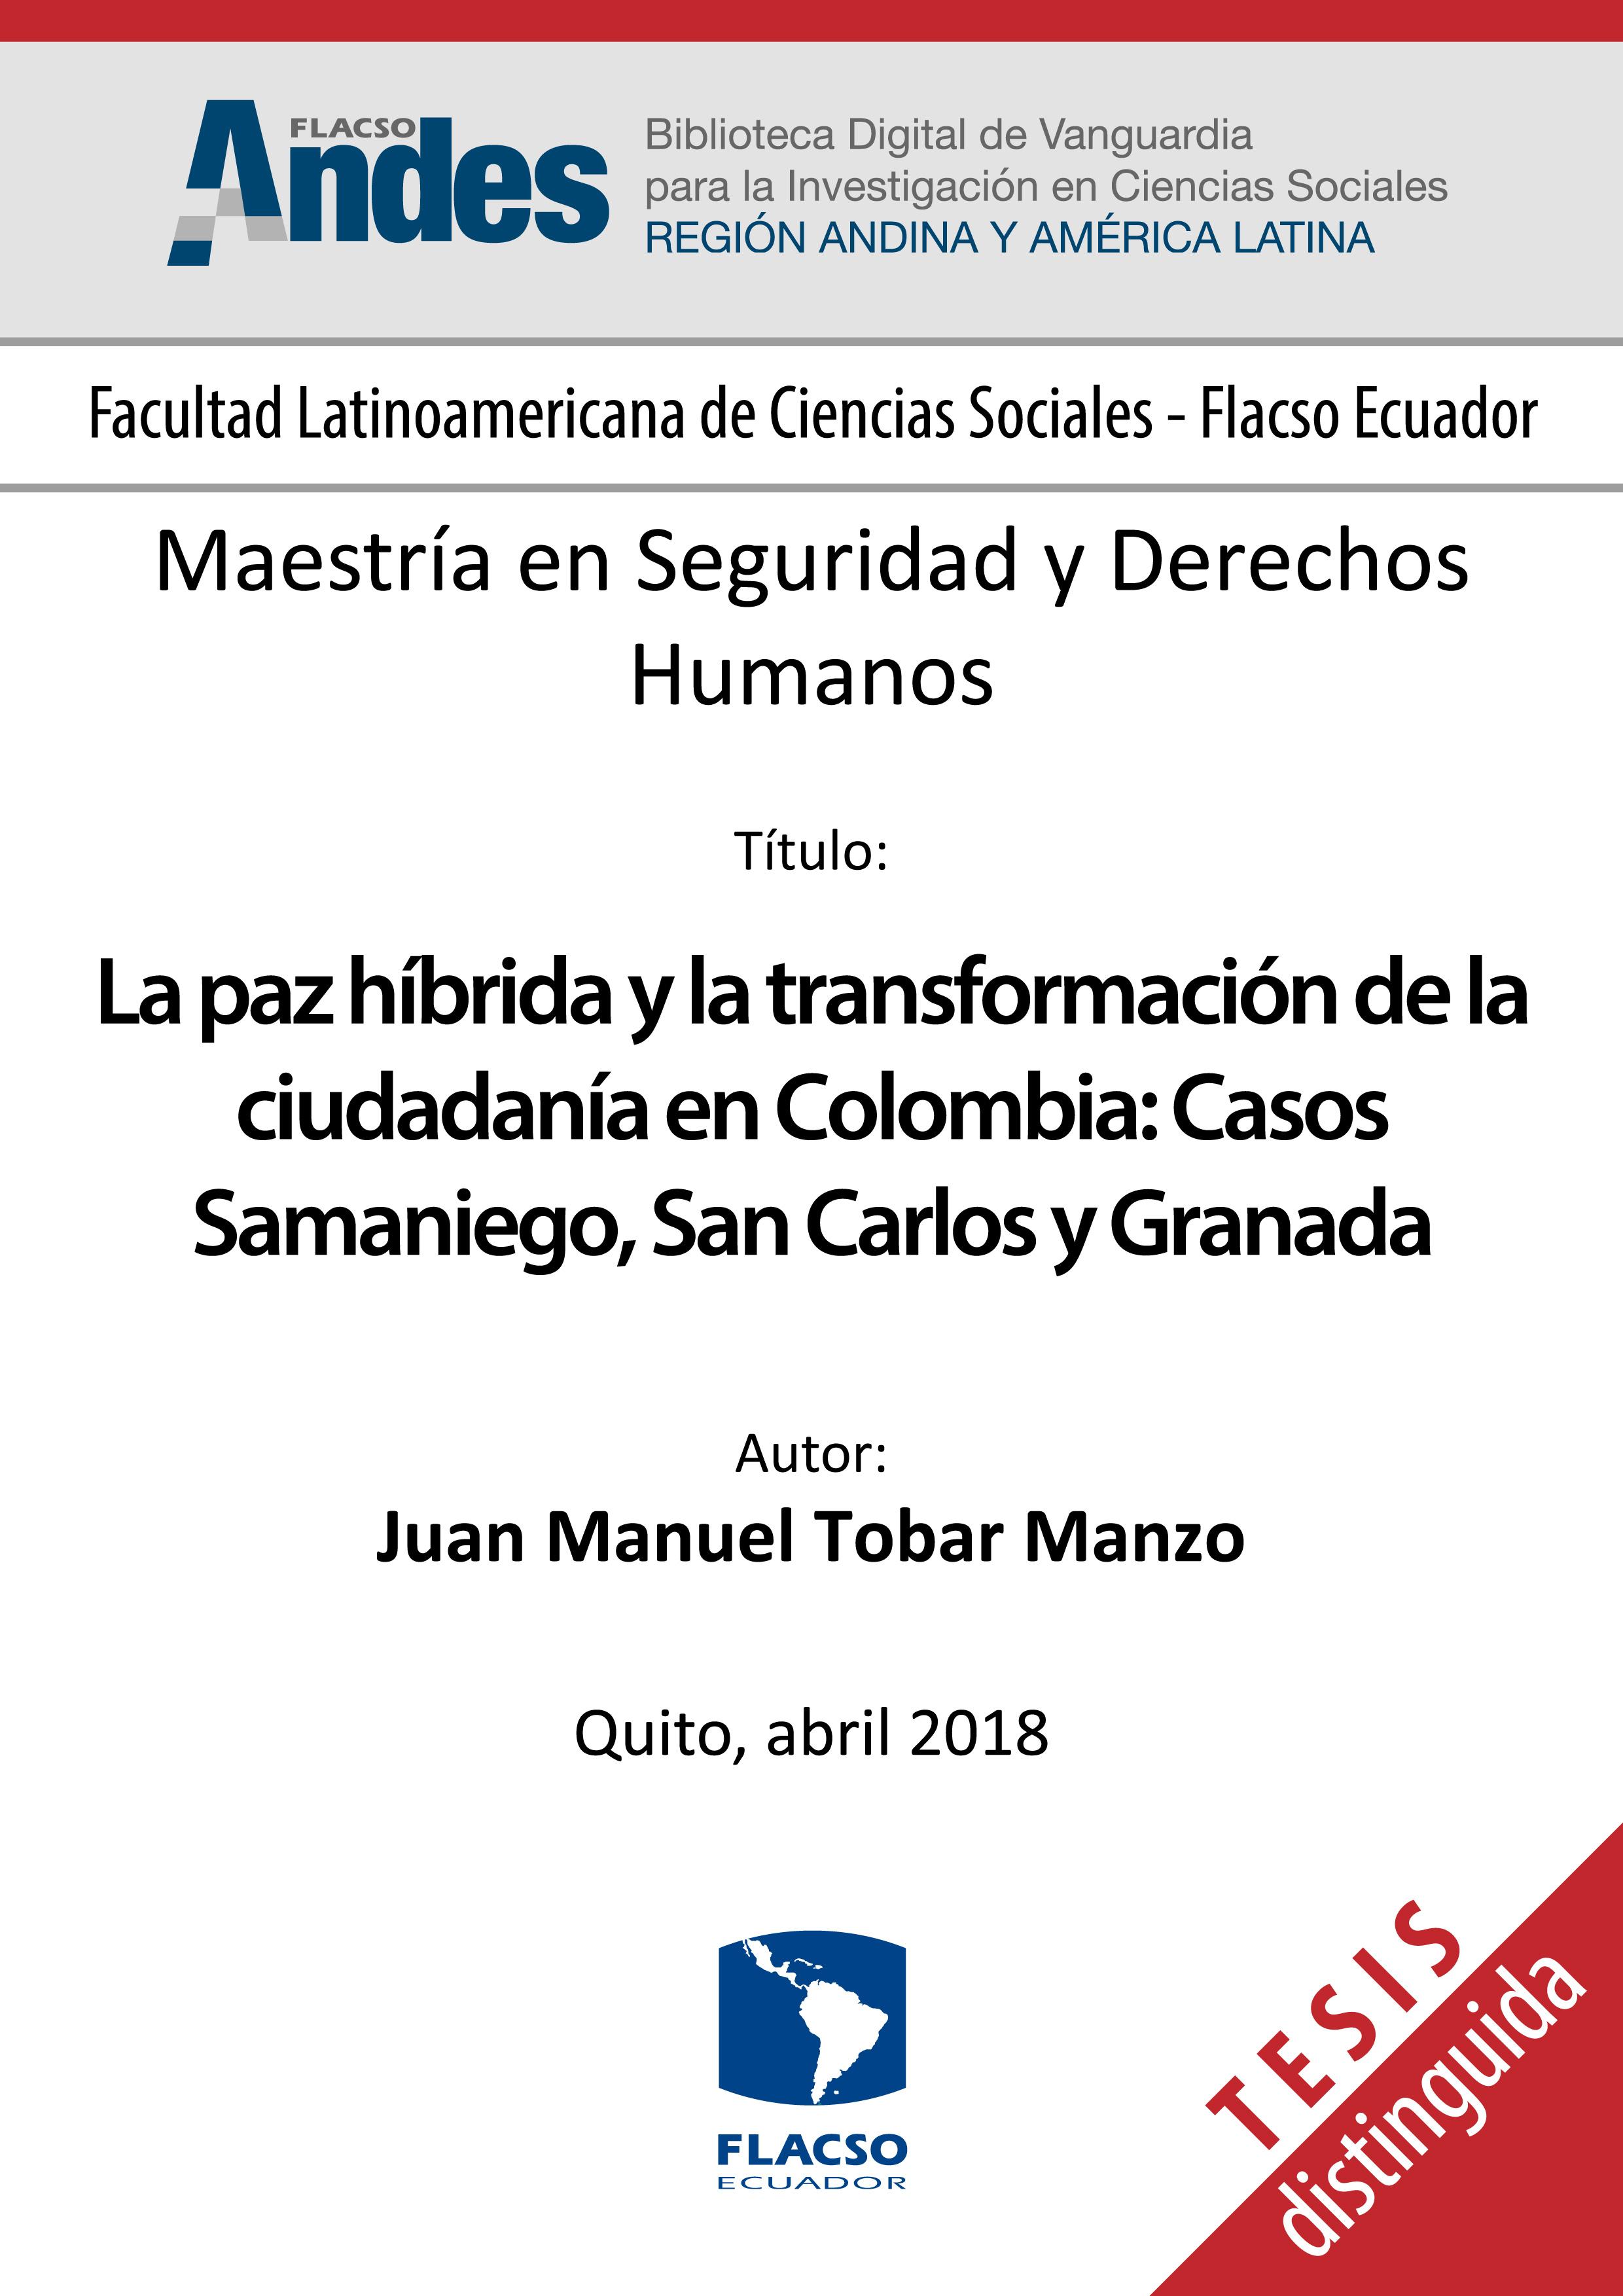 La paz híbrida y la transformación de la ciudadanía en Colombia: Casos Samaniego, San Carlos y Granada